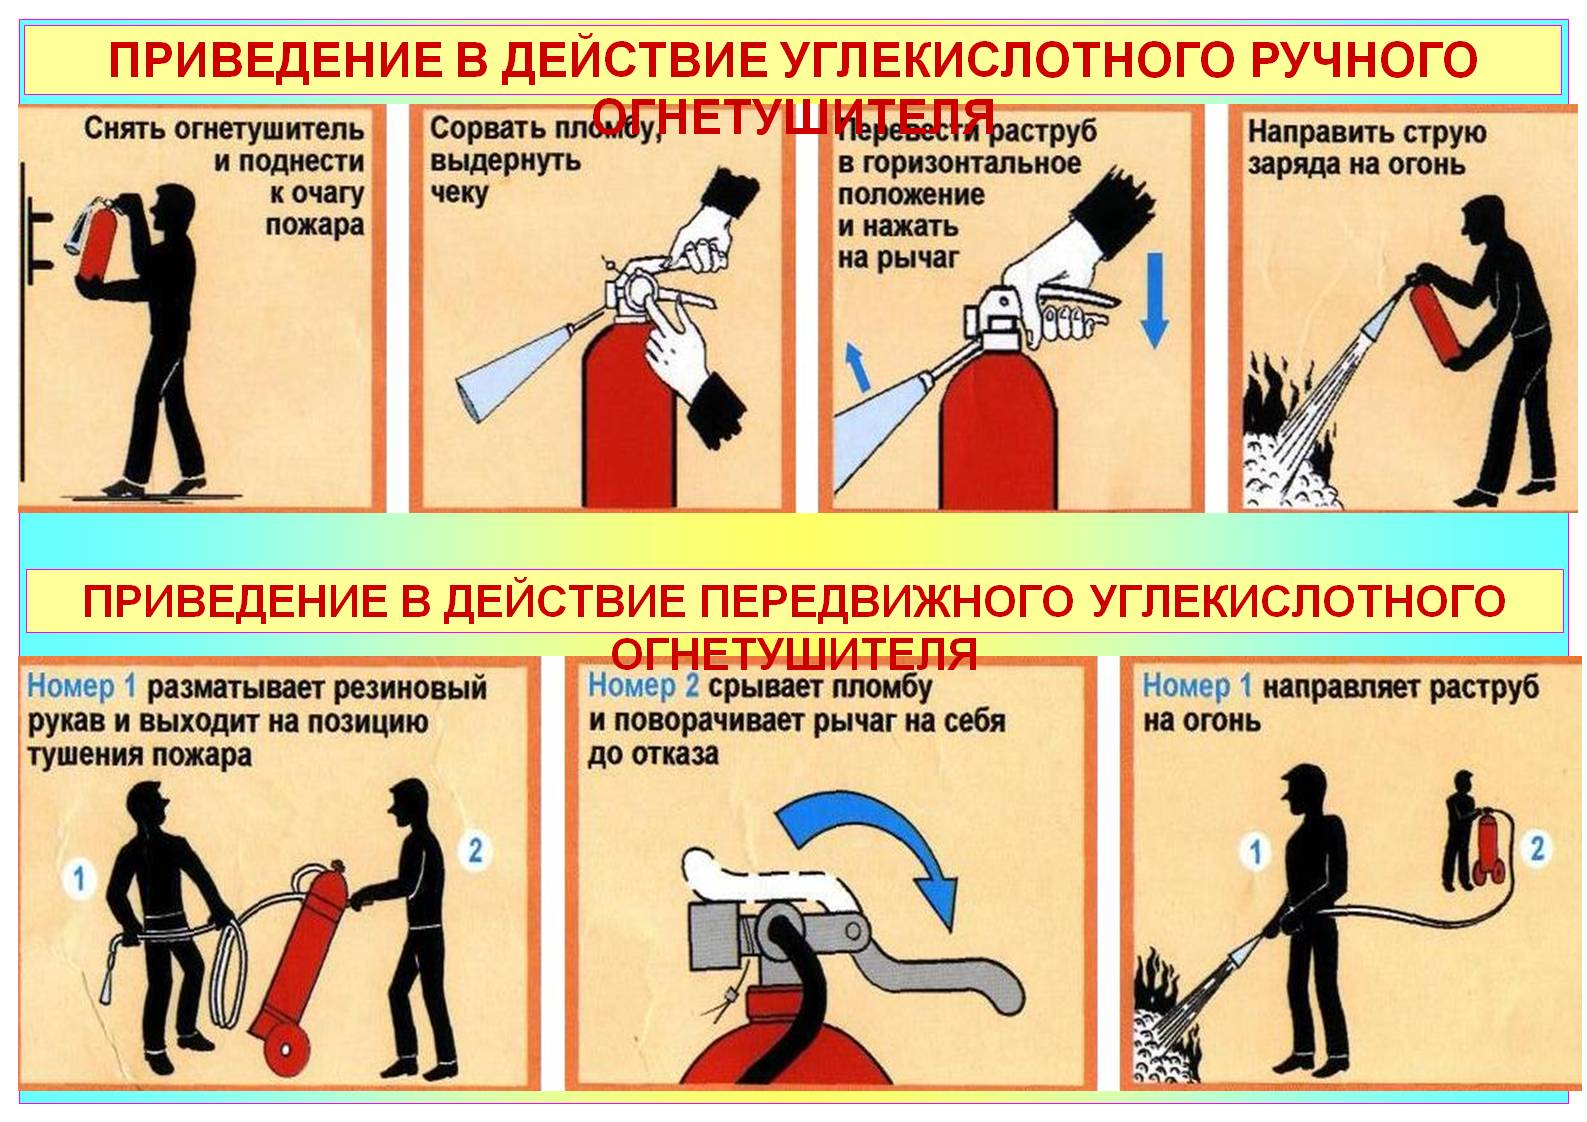 Инструкция по использованию огнетушителей скачать